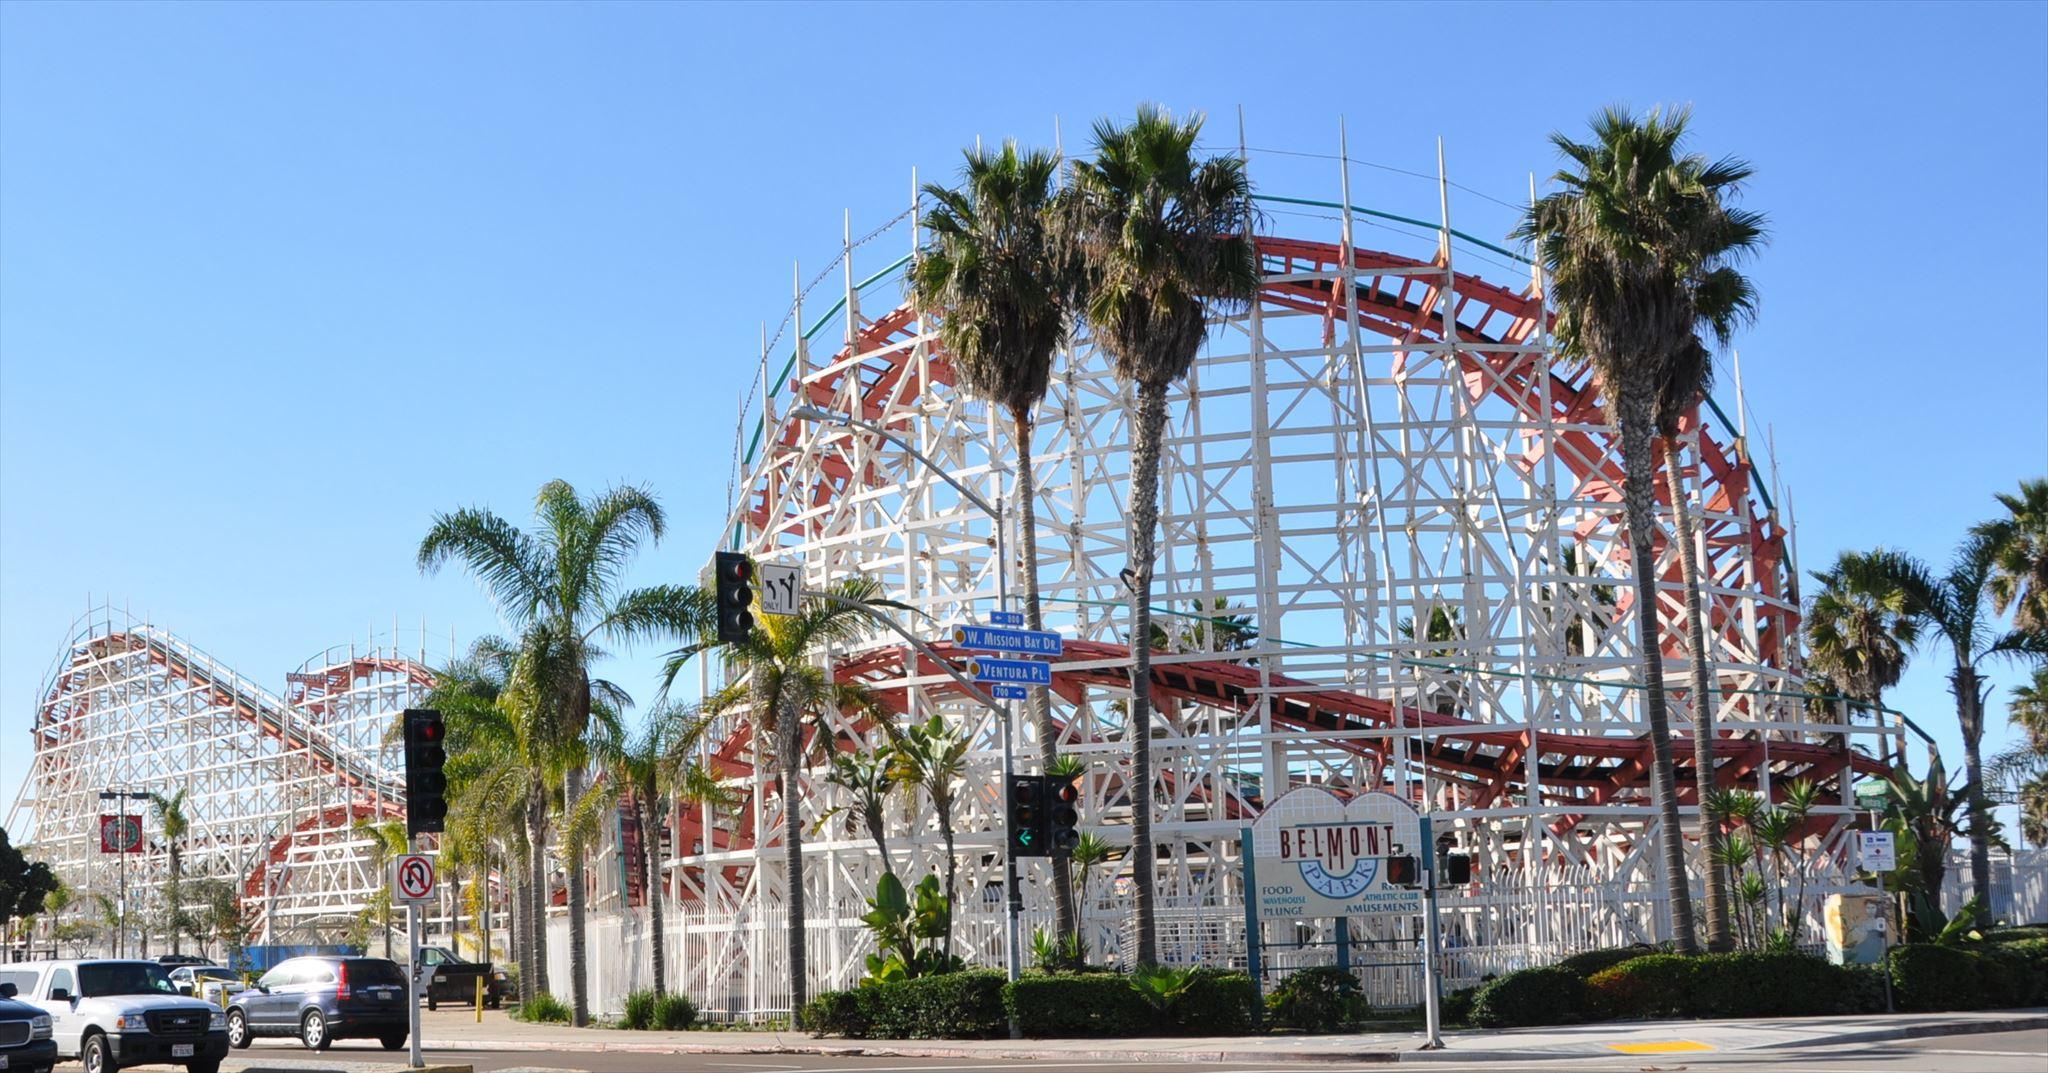 San Diego Belmont Amusement Park Newhairstylesformen2014 Com